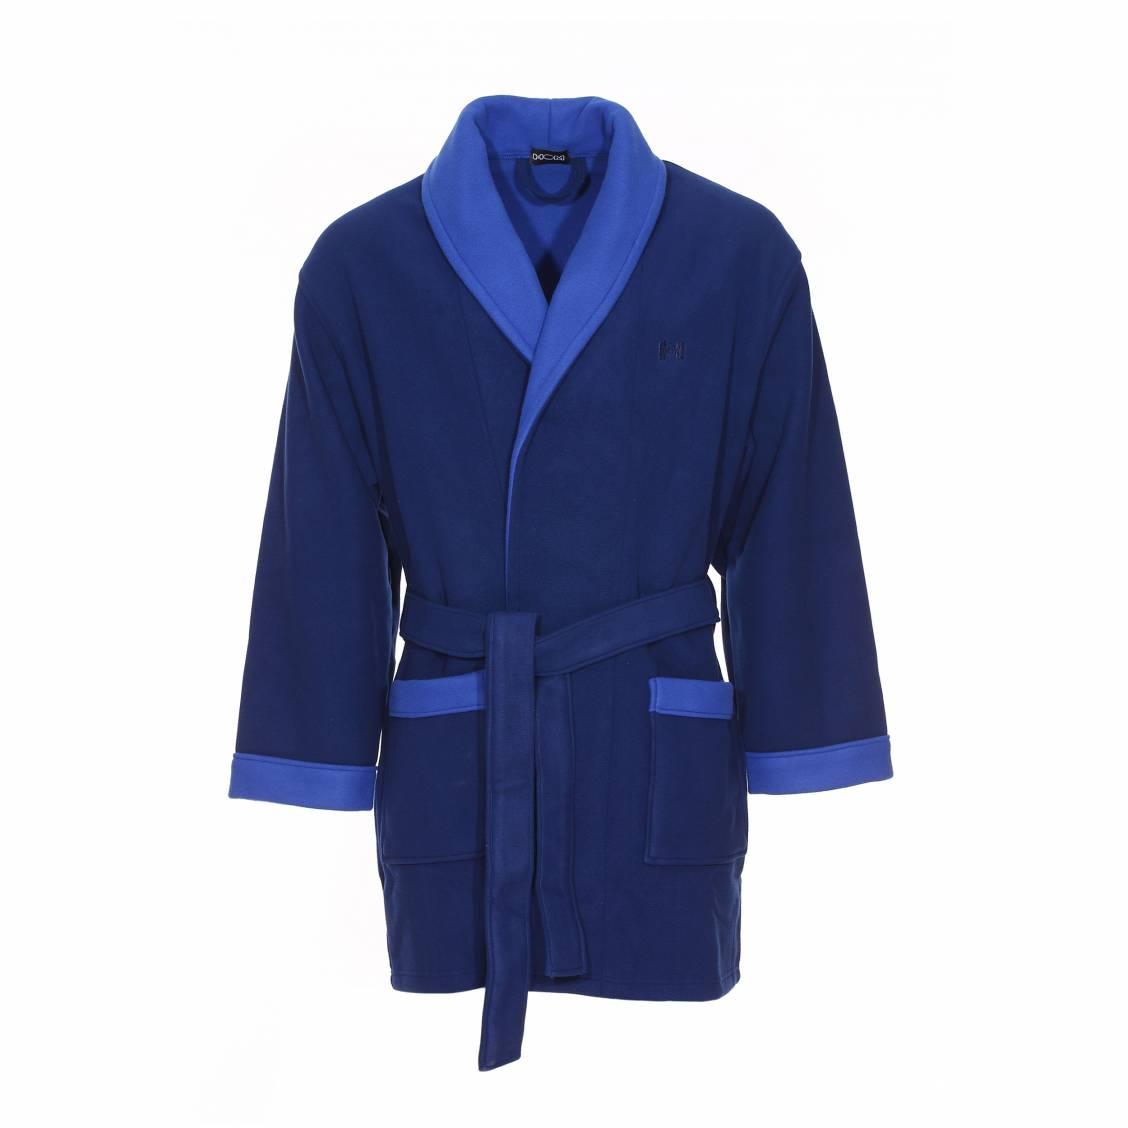 robe de chambre polaire courte hom k luxe bleu marine et bleu lectrique rue des hommes. Black Bedroom Furniture Sets. Home Design Ideas